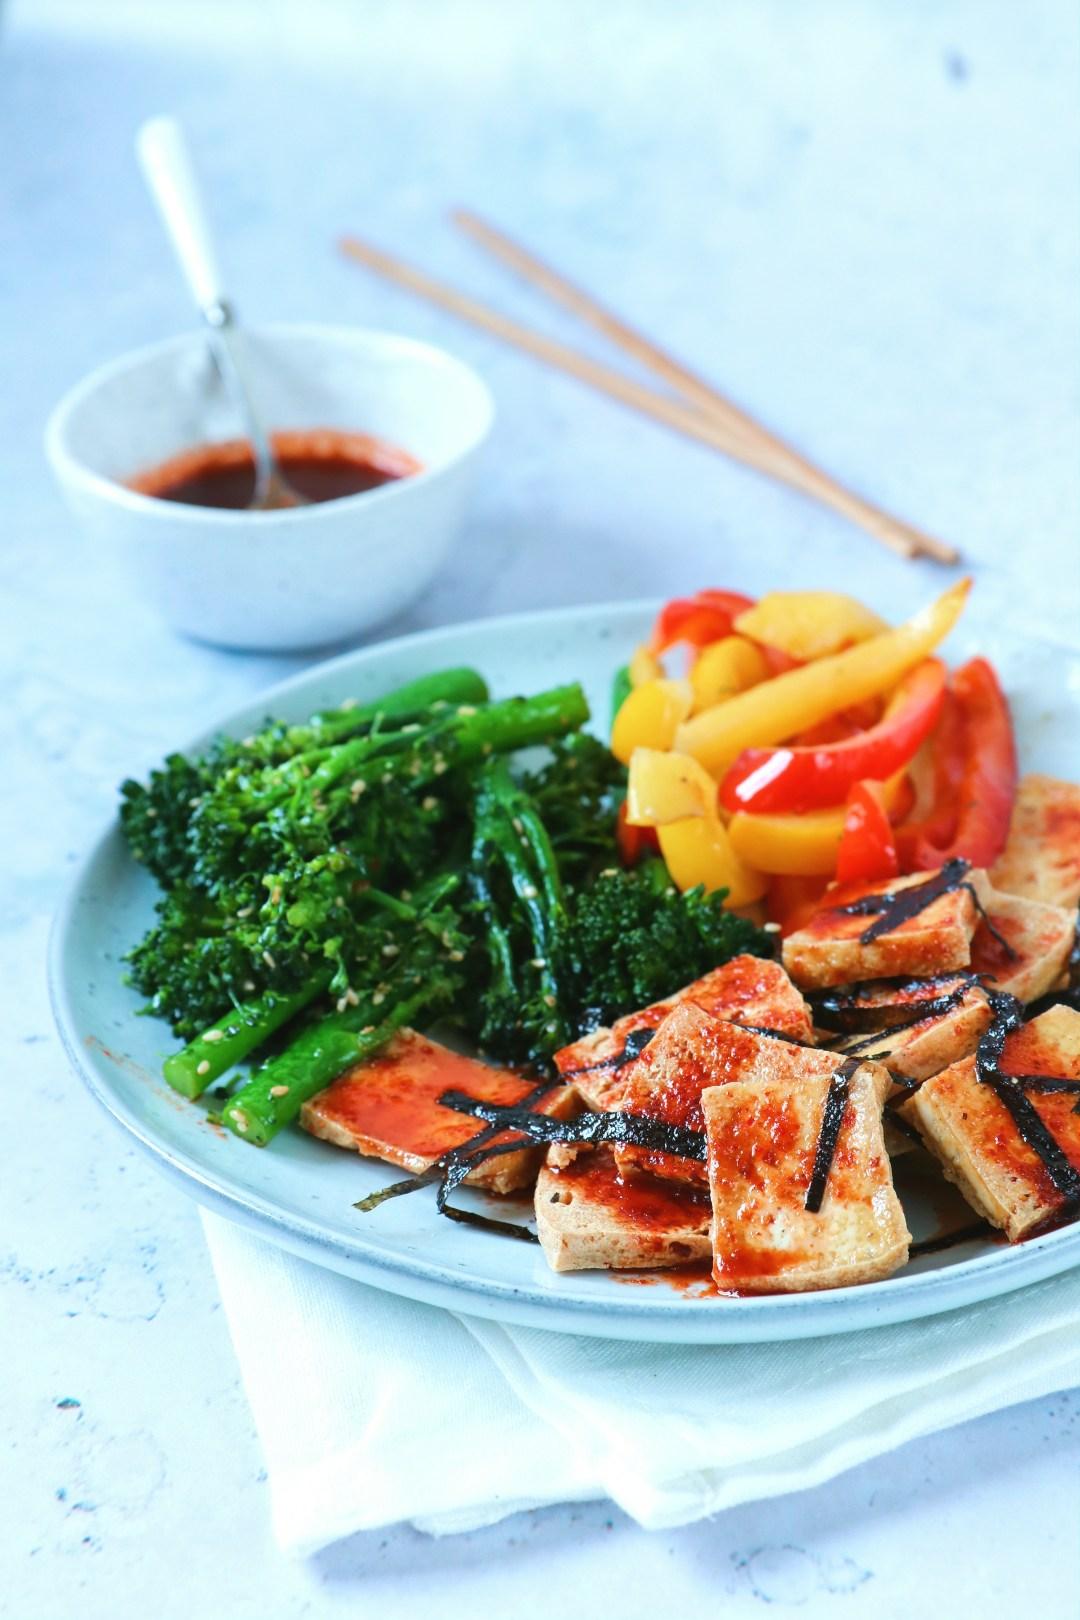 recept tofu met bimi www.jaimyskitchen.nl